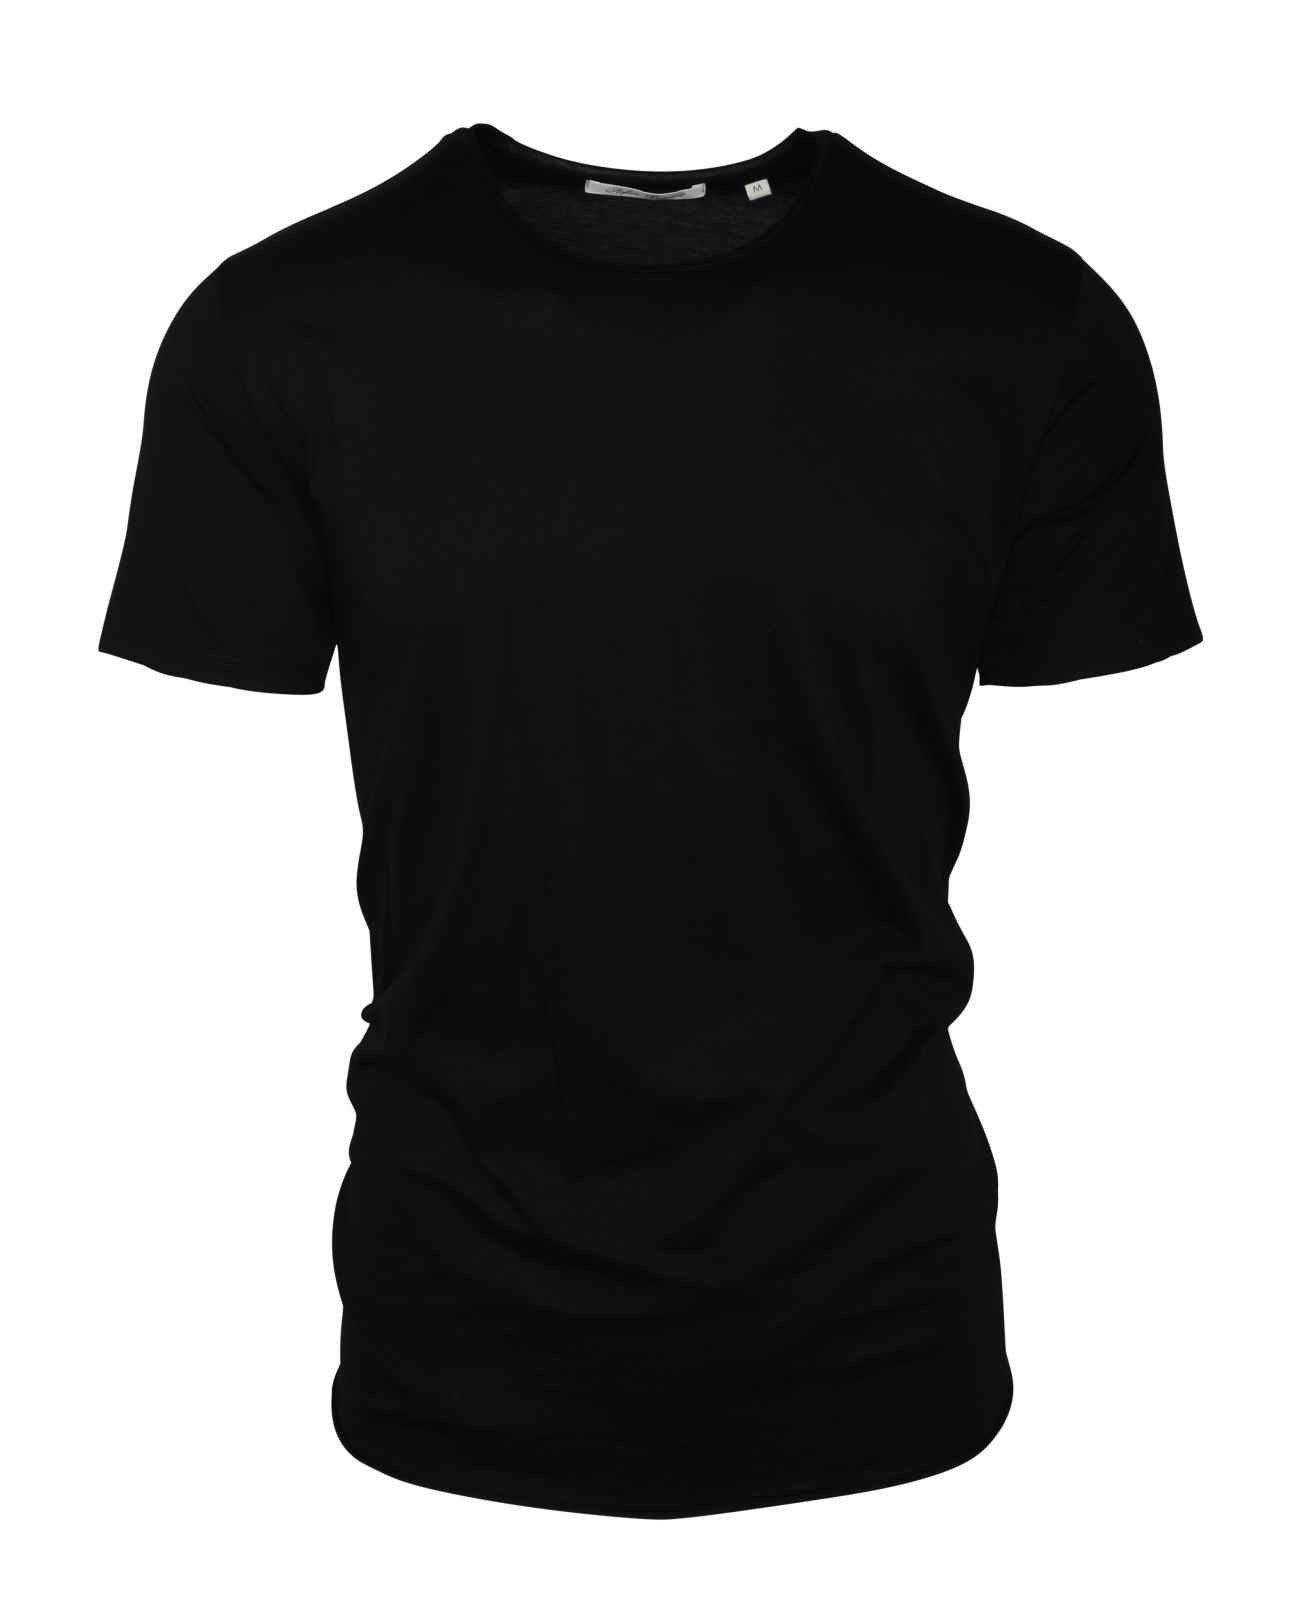 STEFAN BRANDT - Herren T-Shirt - Elia - negro